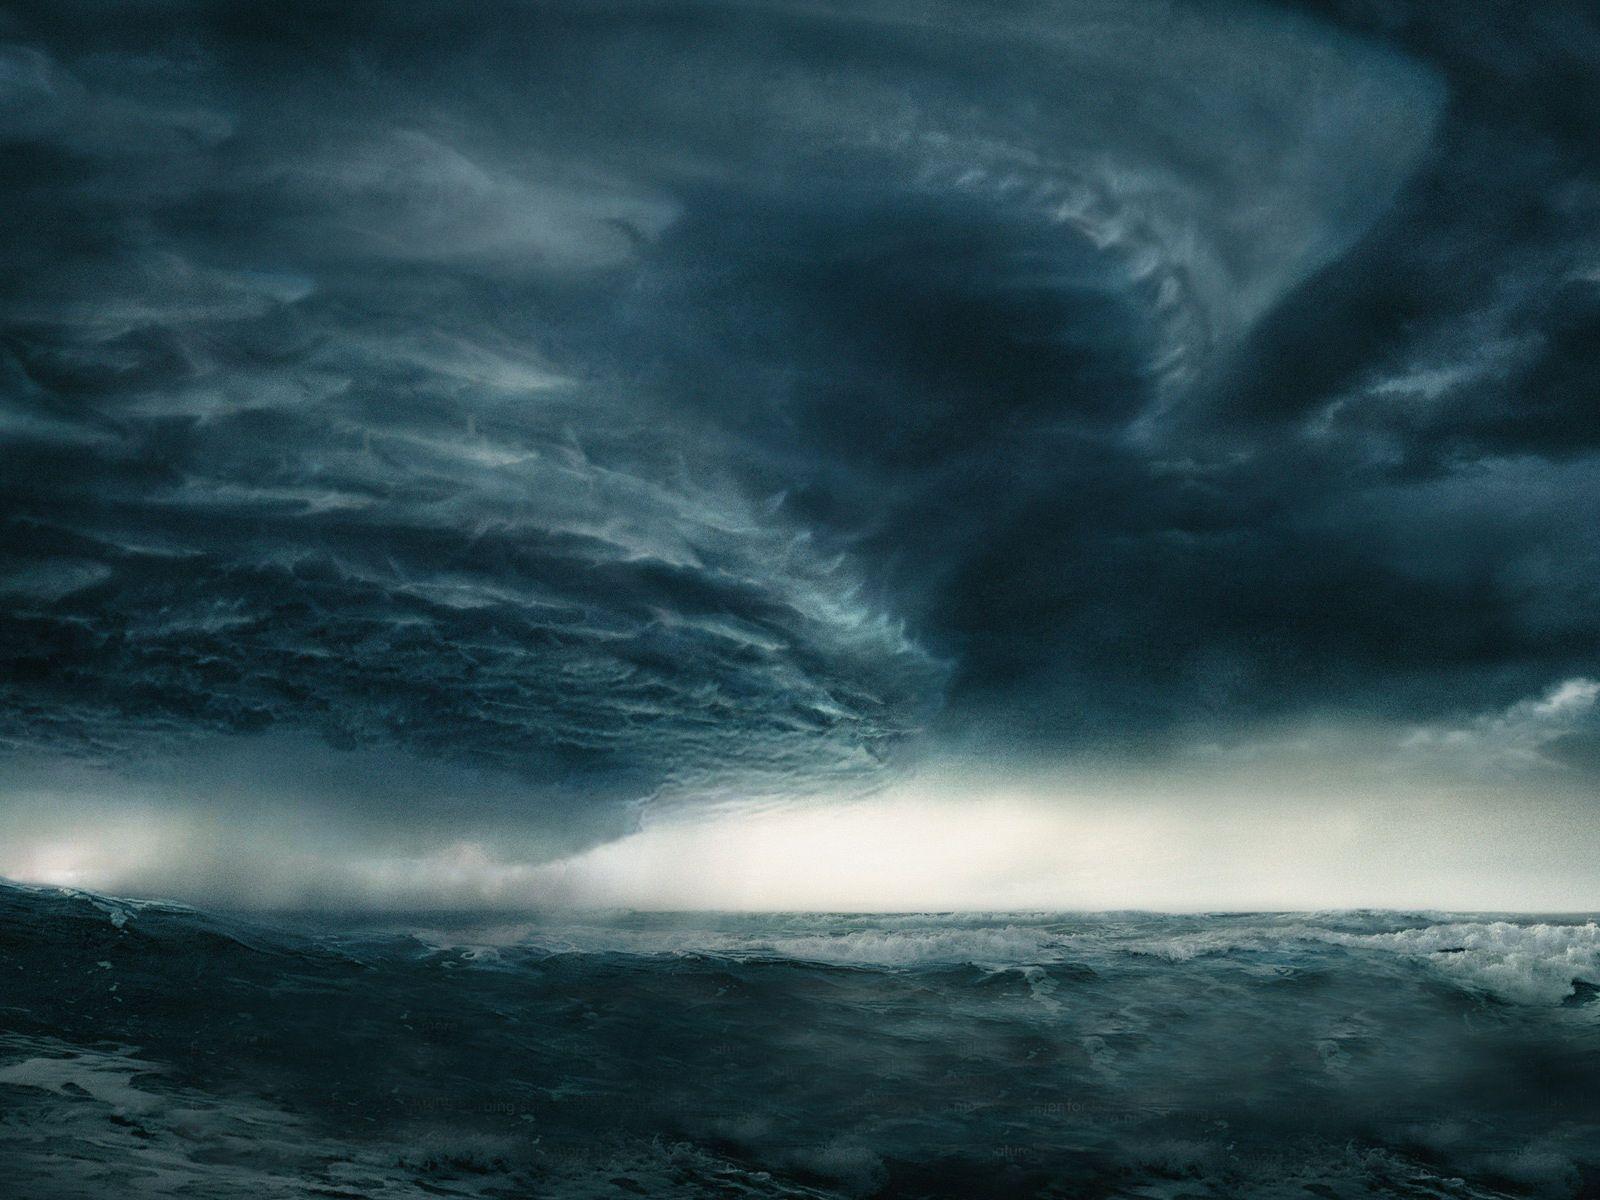 Storm wallpaper x